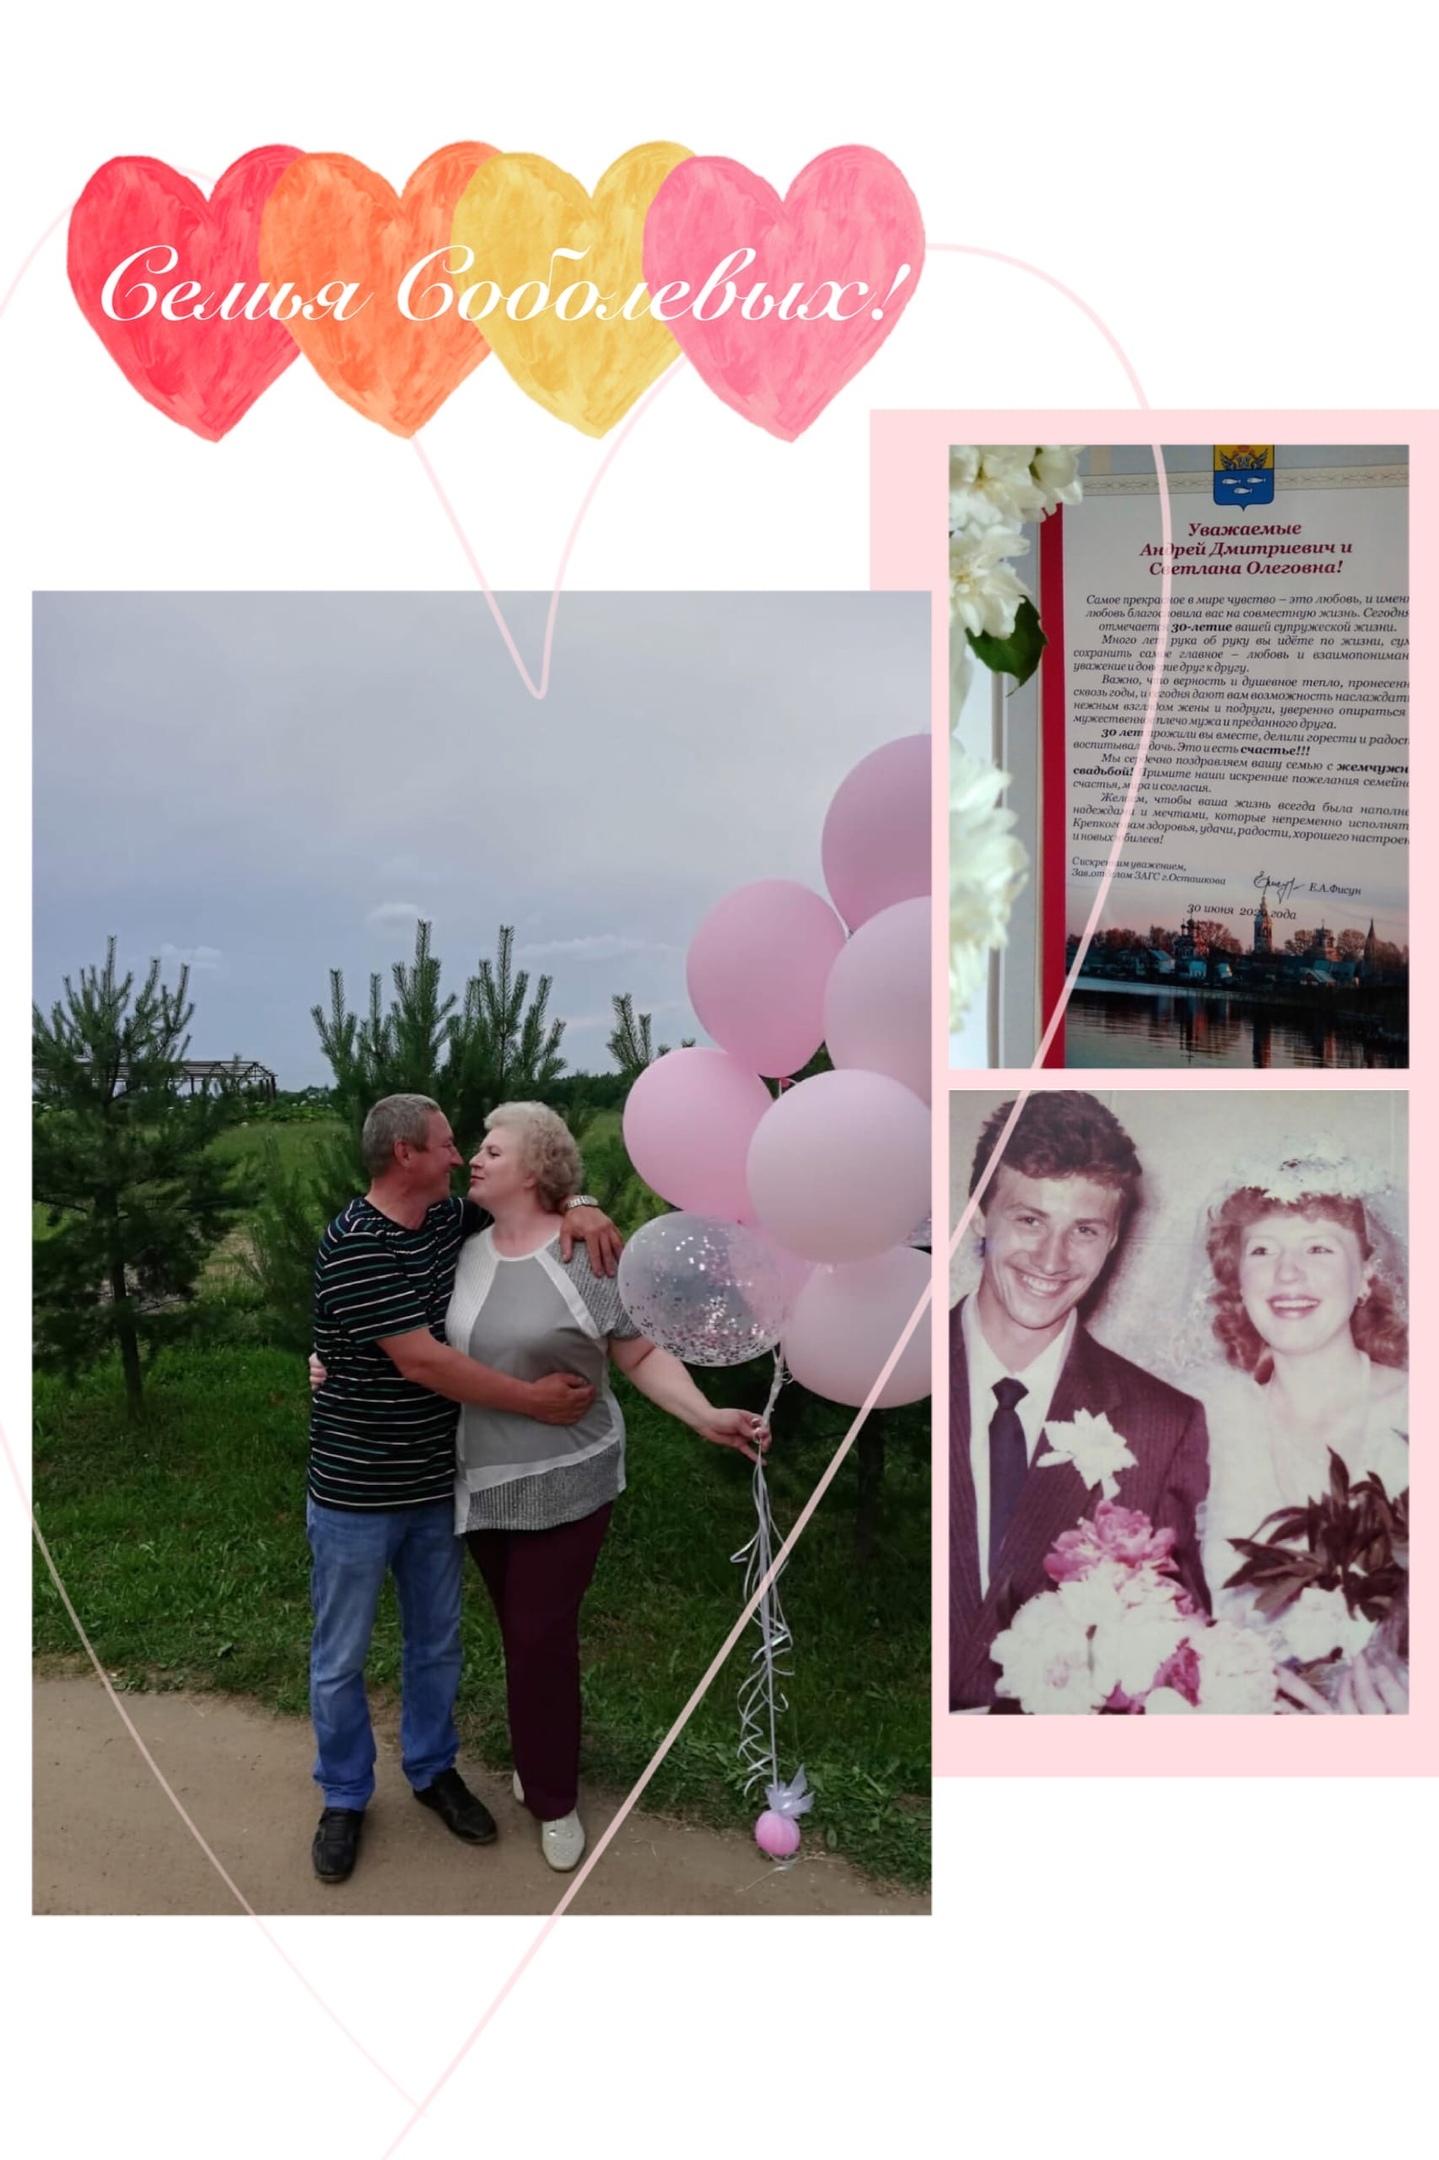 Жители Осташковского округа приняли участие в семейной акции